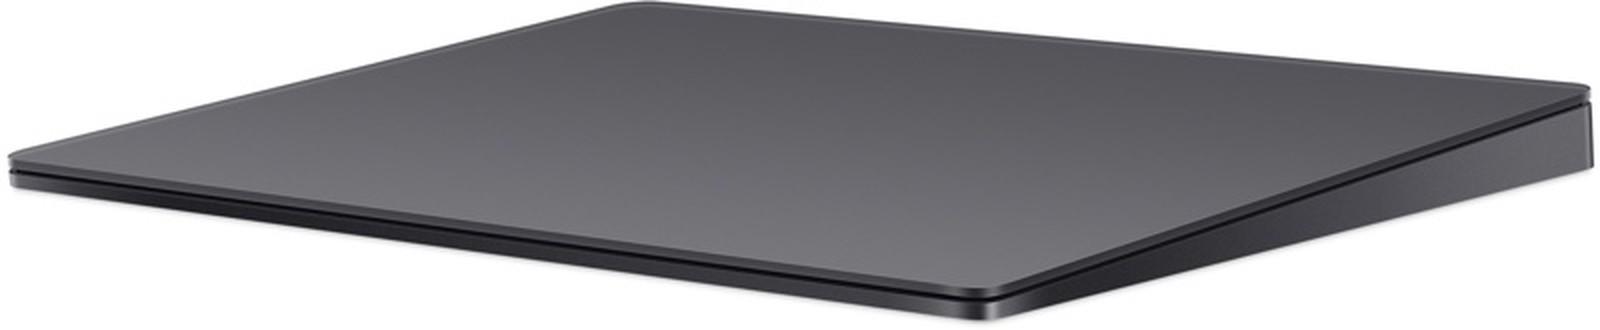 Magic Trackpad 2 gris espacial